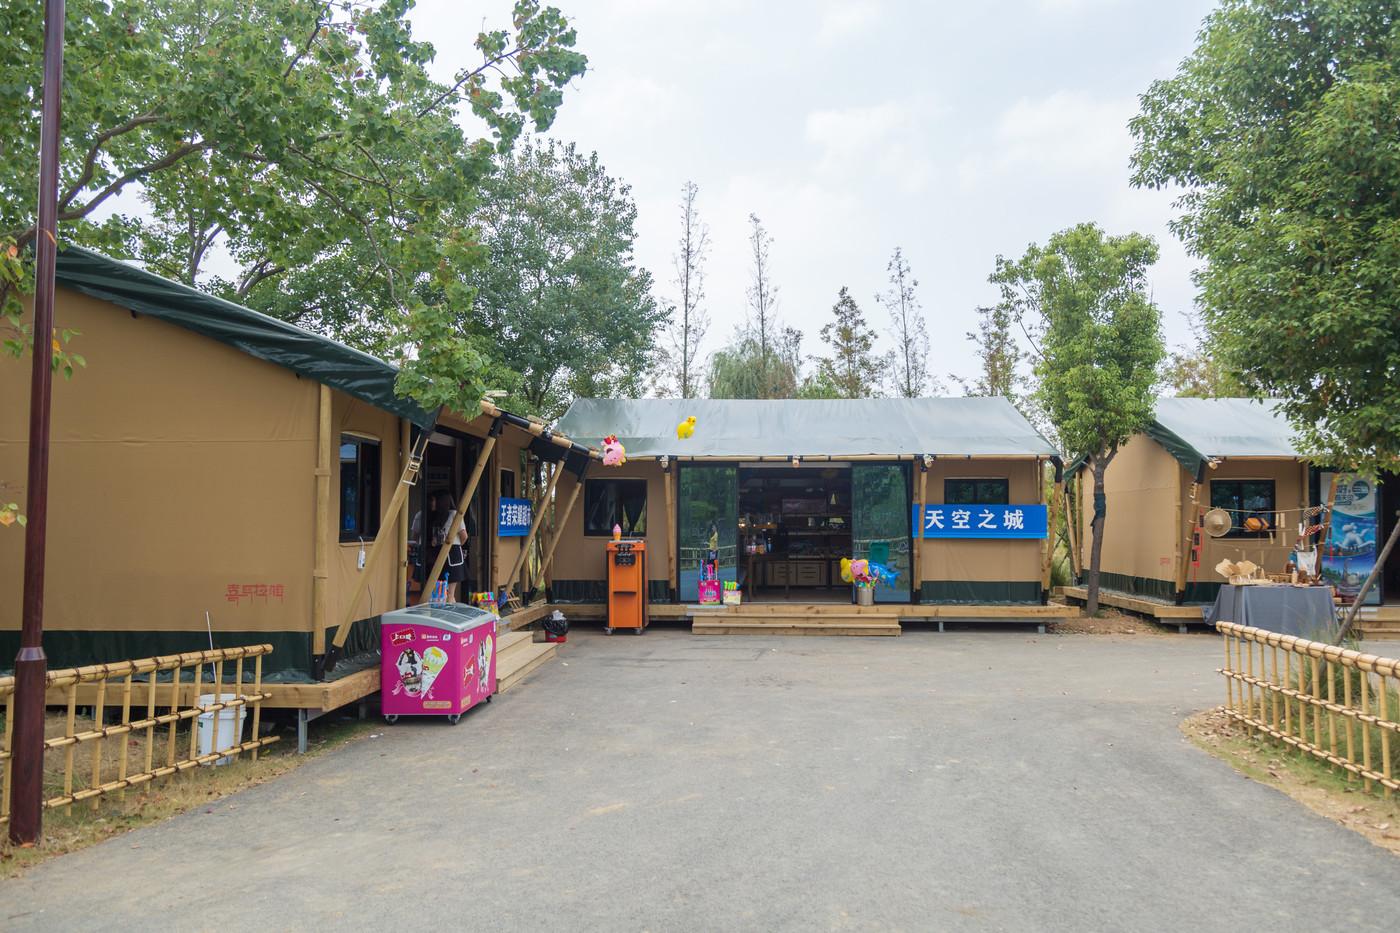 喜马拉雅野奢帐篷酒店—淮安白马湖度假区商铺10